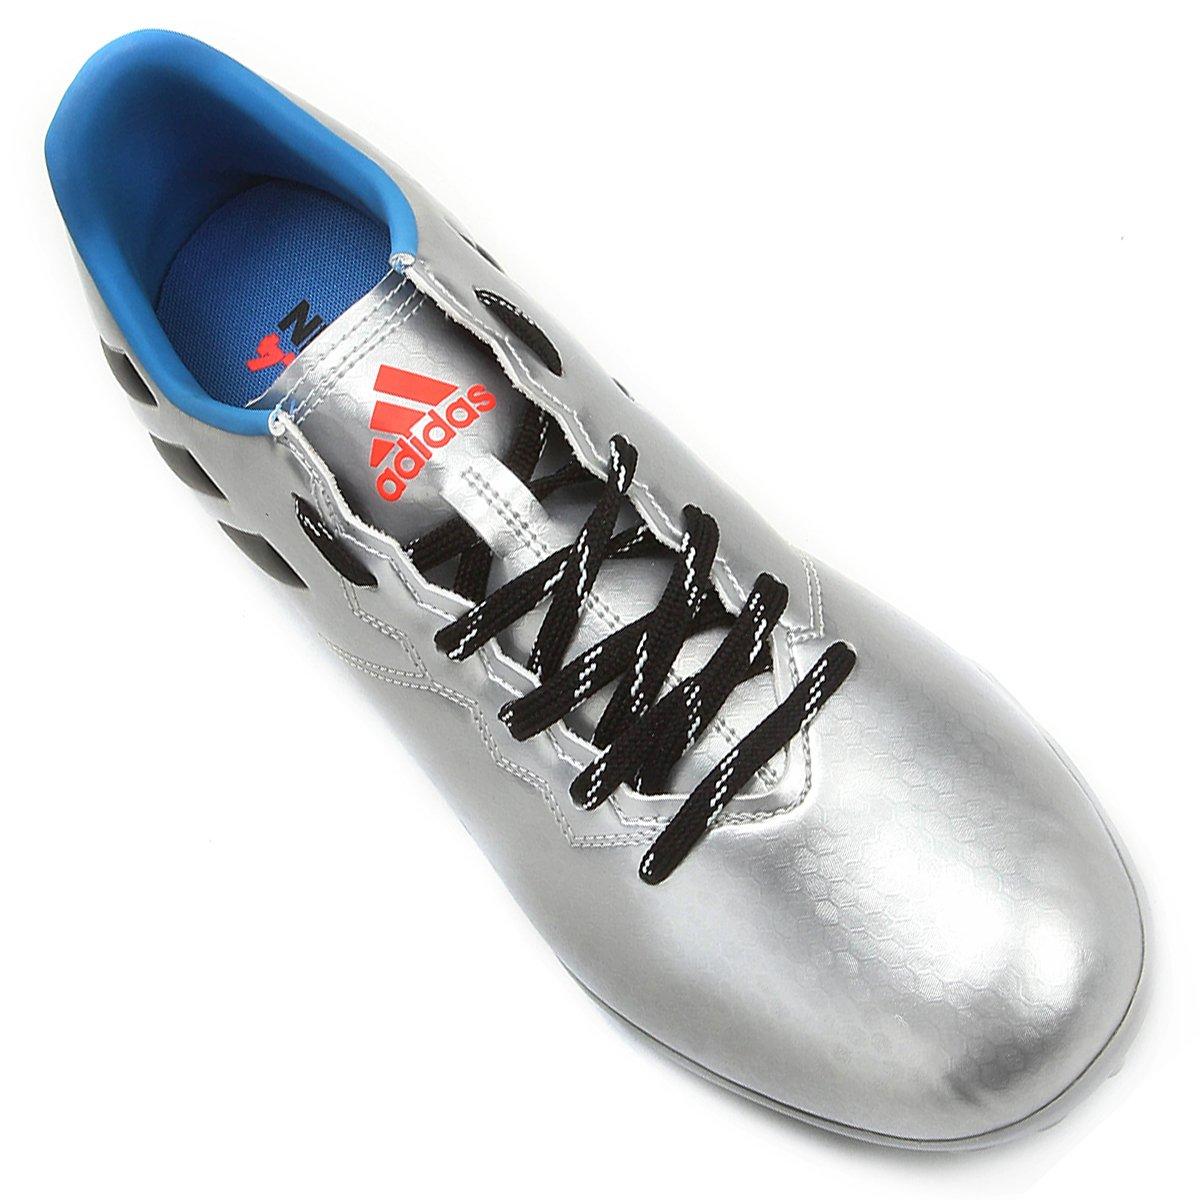 Chuteira Adidas Messi 16.4 TF Society - Compre Agora  068b3271847da